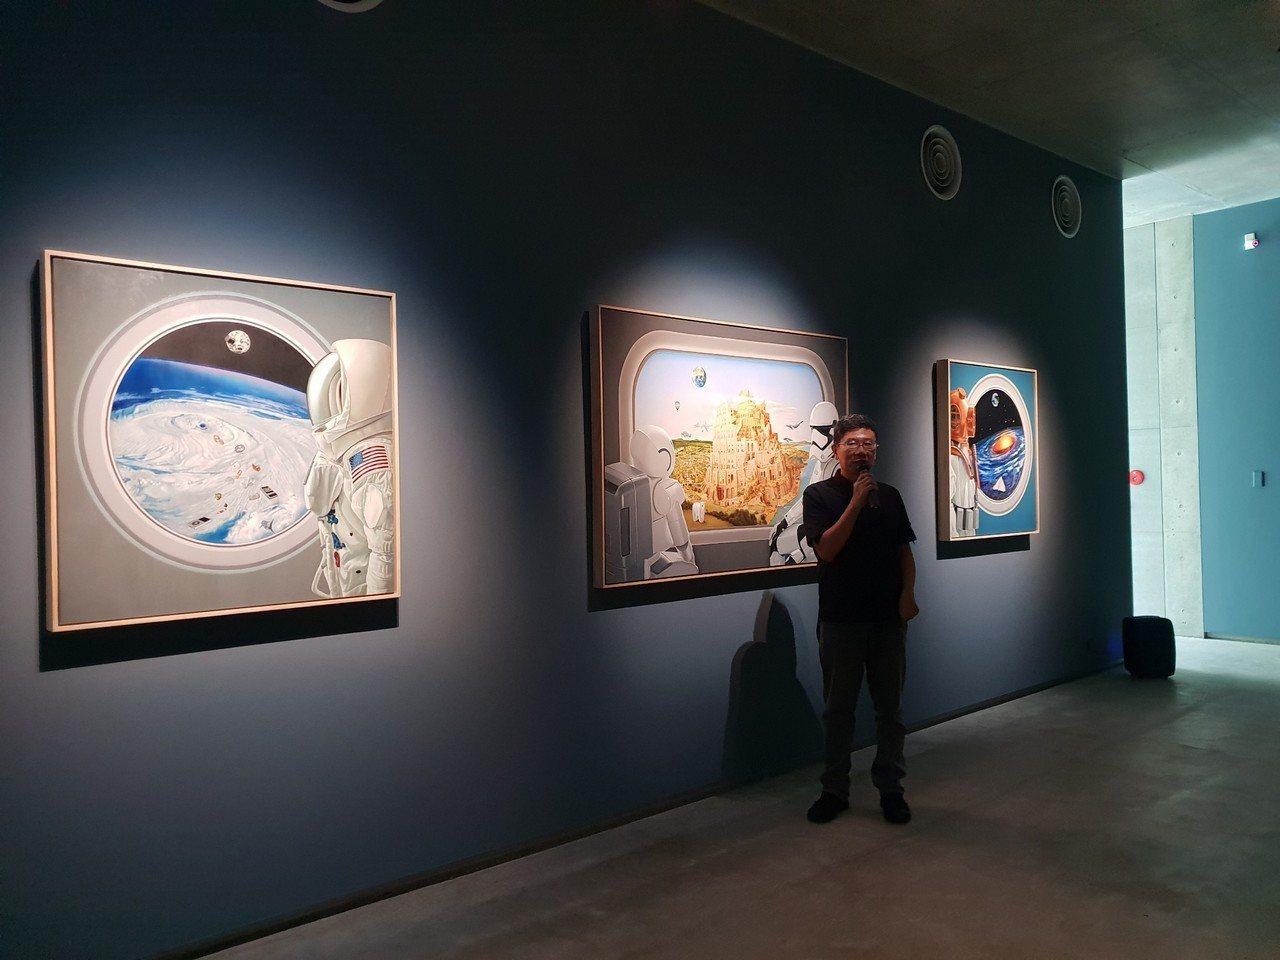 「捷克藝術家茲德涅克‧揚達-即興喜劇」展覽,今起在毓繡美術館登場,展至12月30...